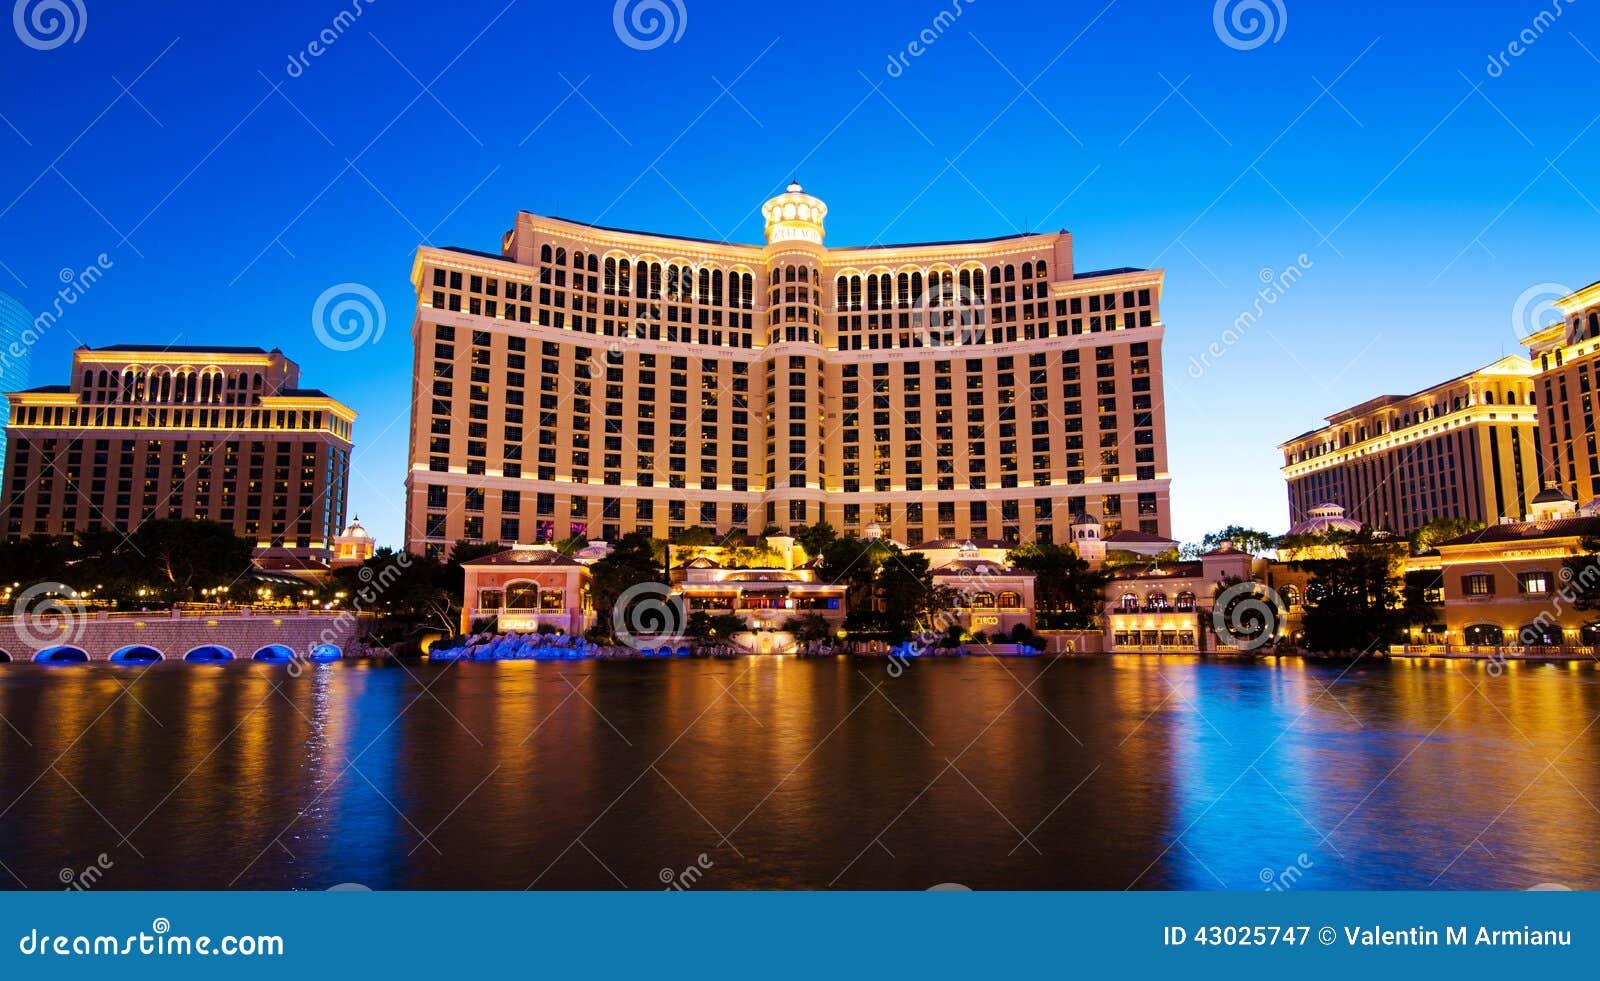 Hotel de Las Vegas Bellagio